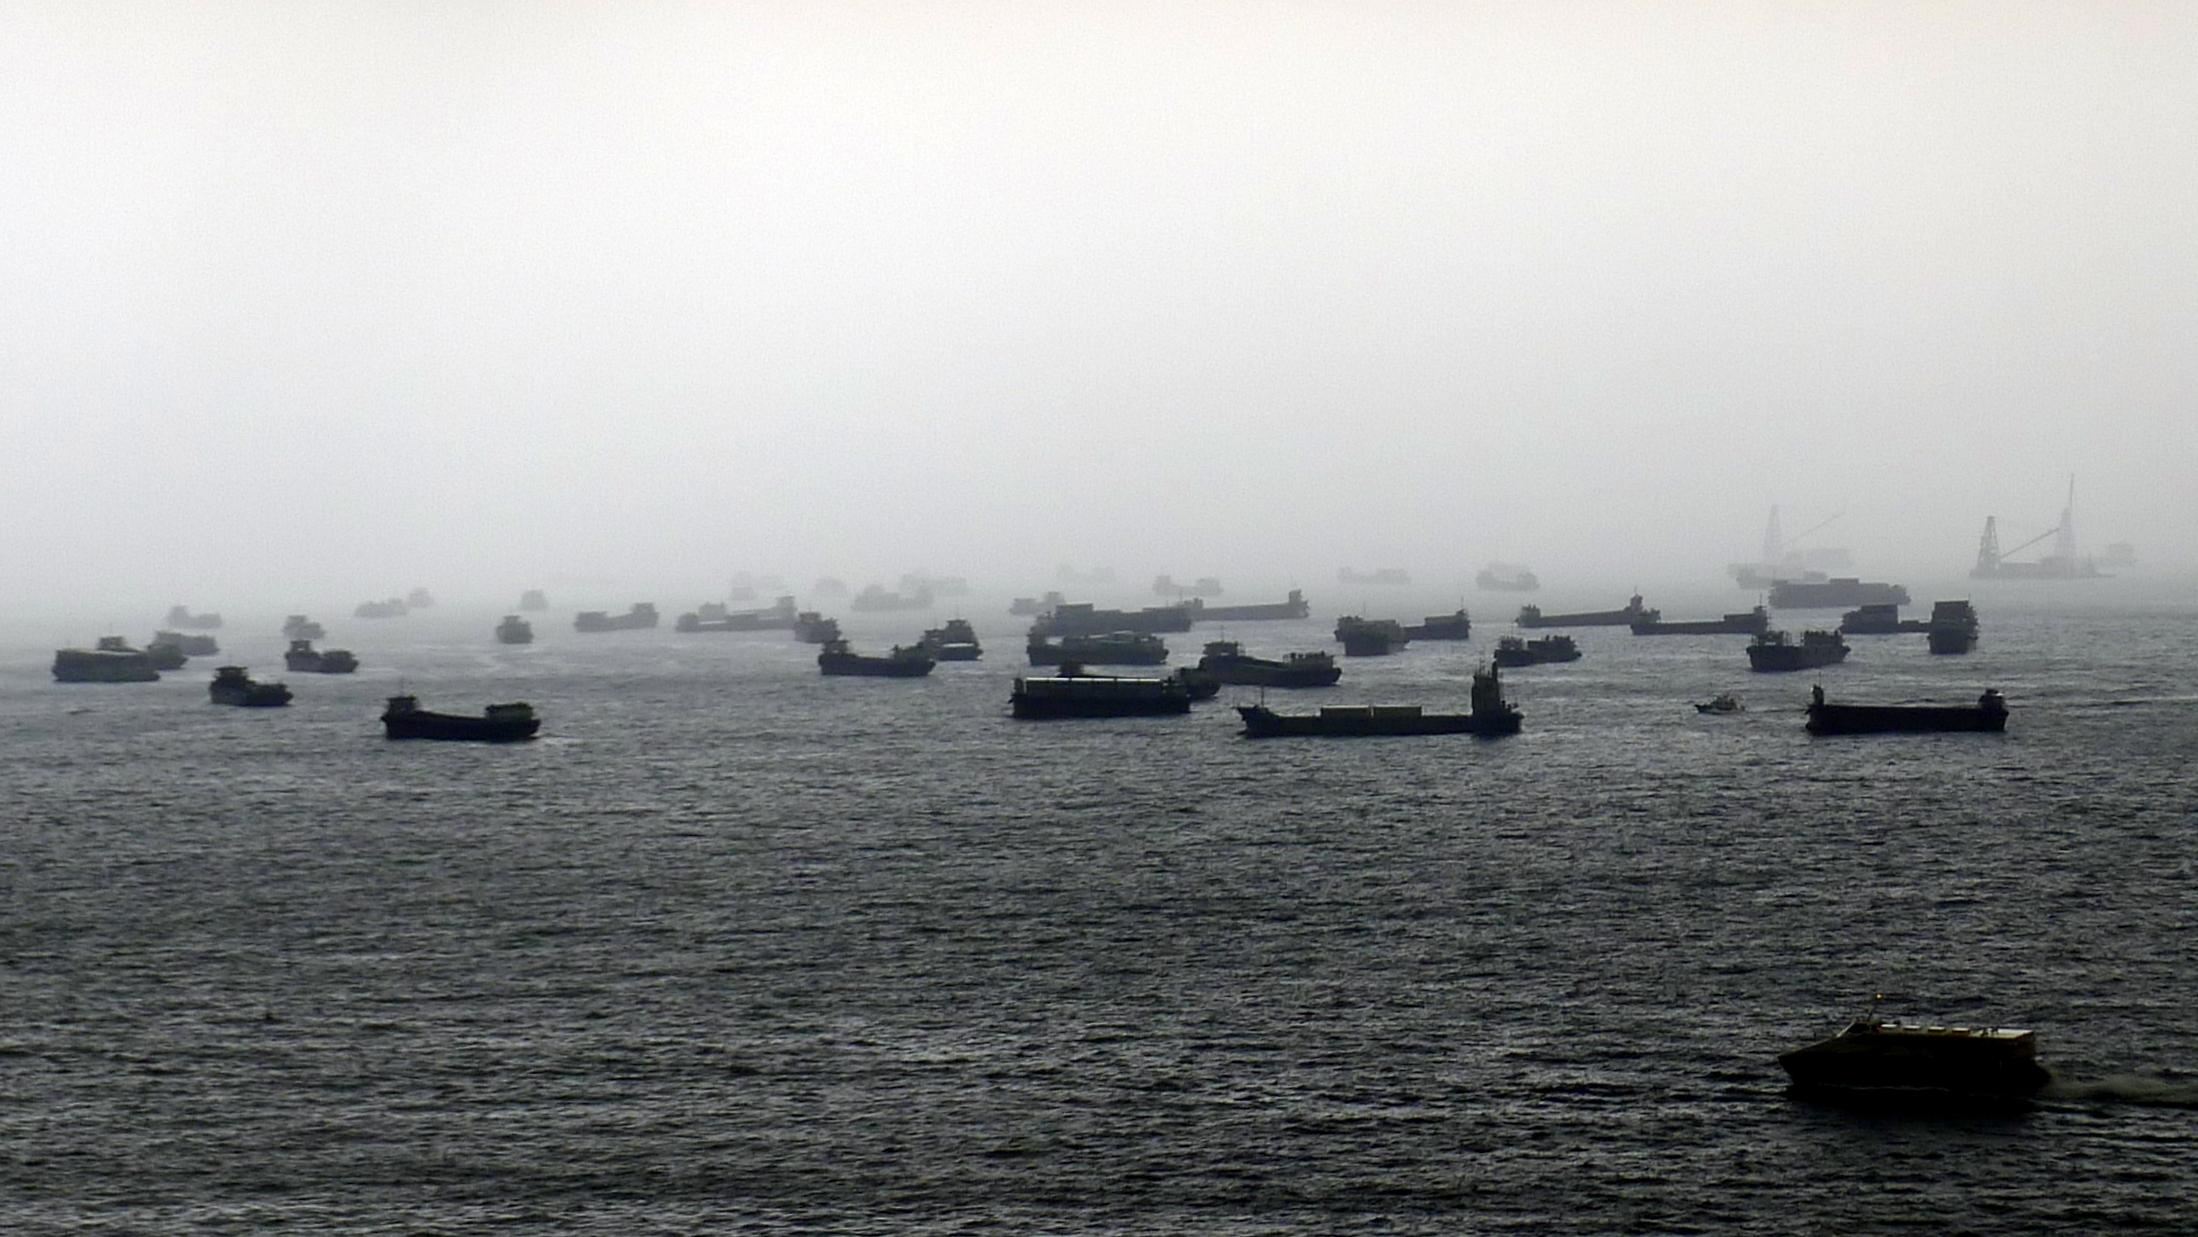 Hong Kong harbor during a storm